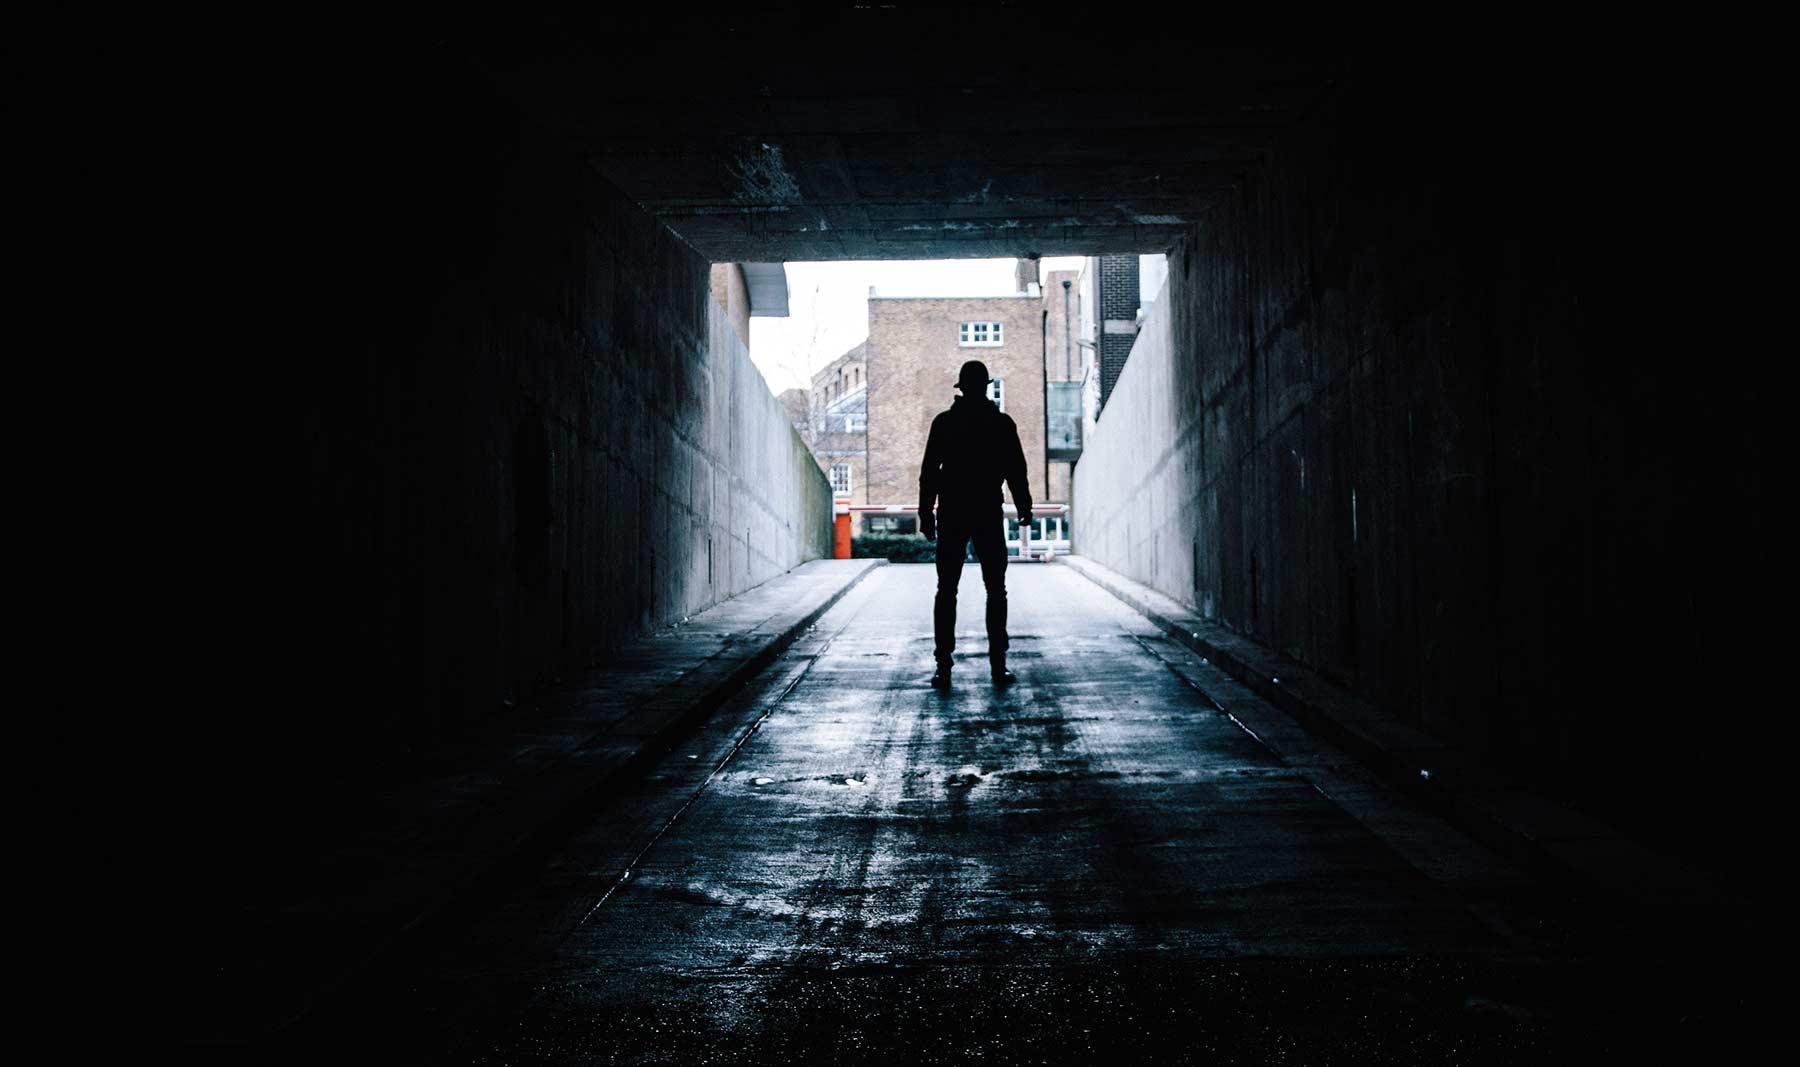 Die Flucht vor zu Erledigendem nährt nur dessen Schreckenskraft